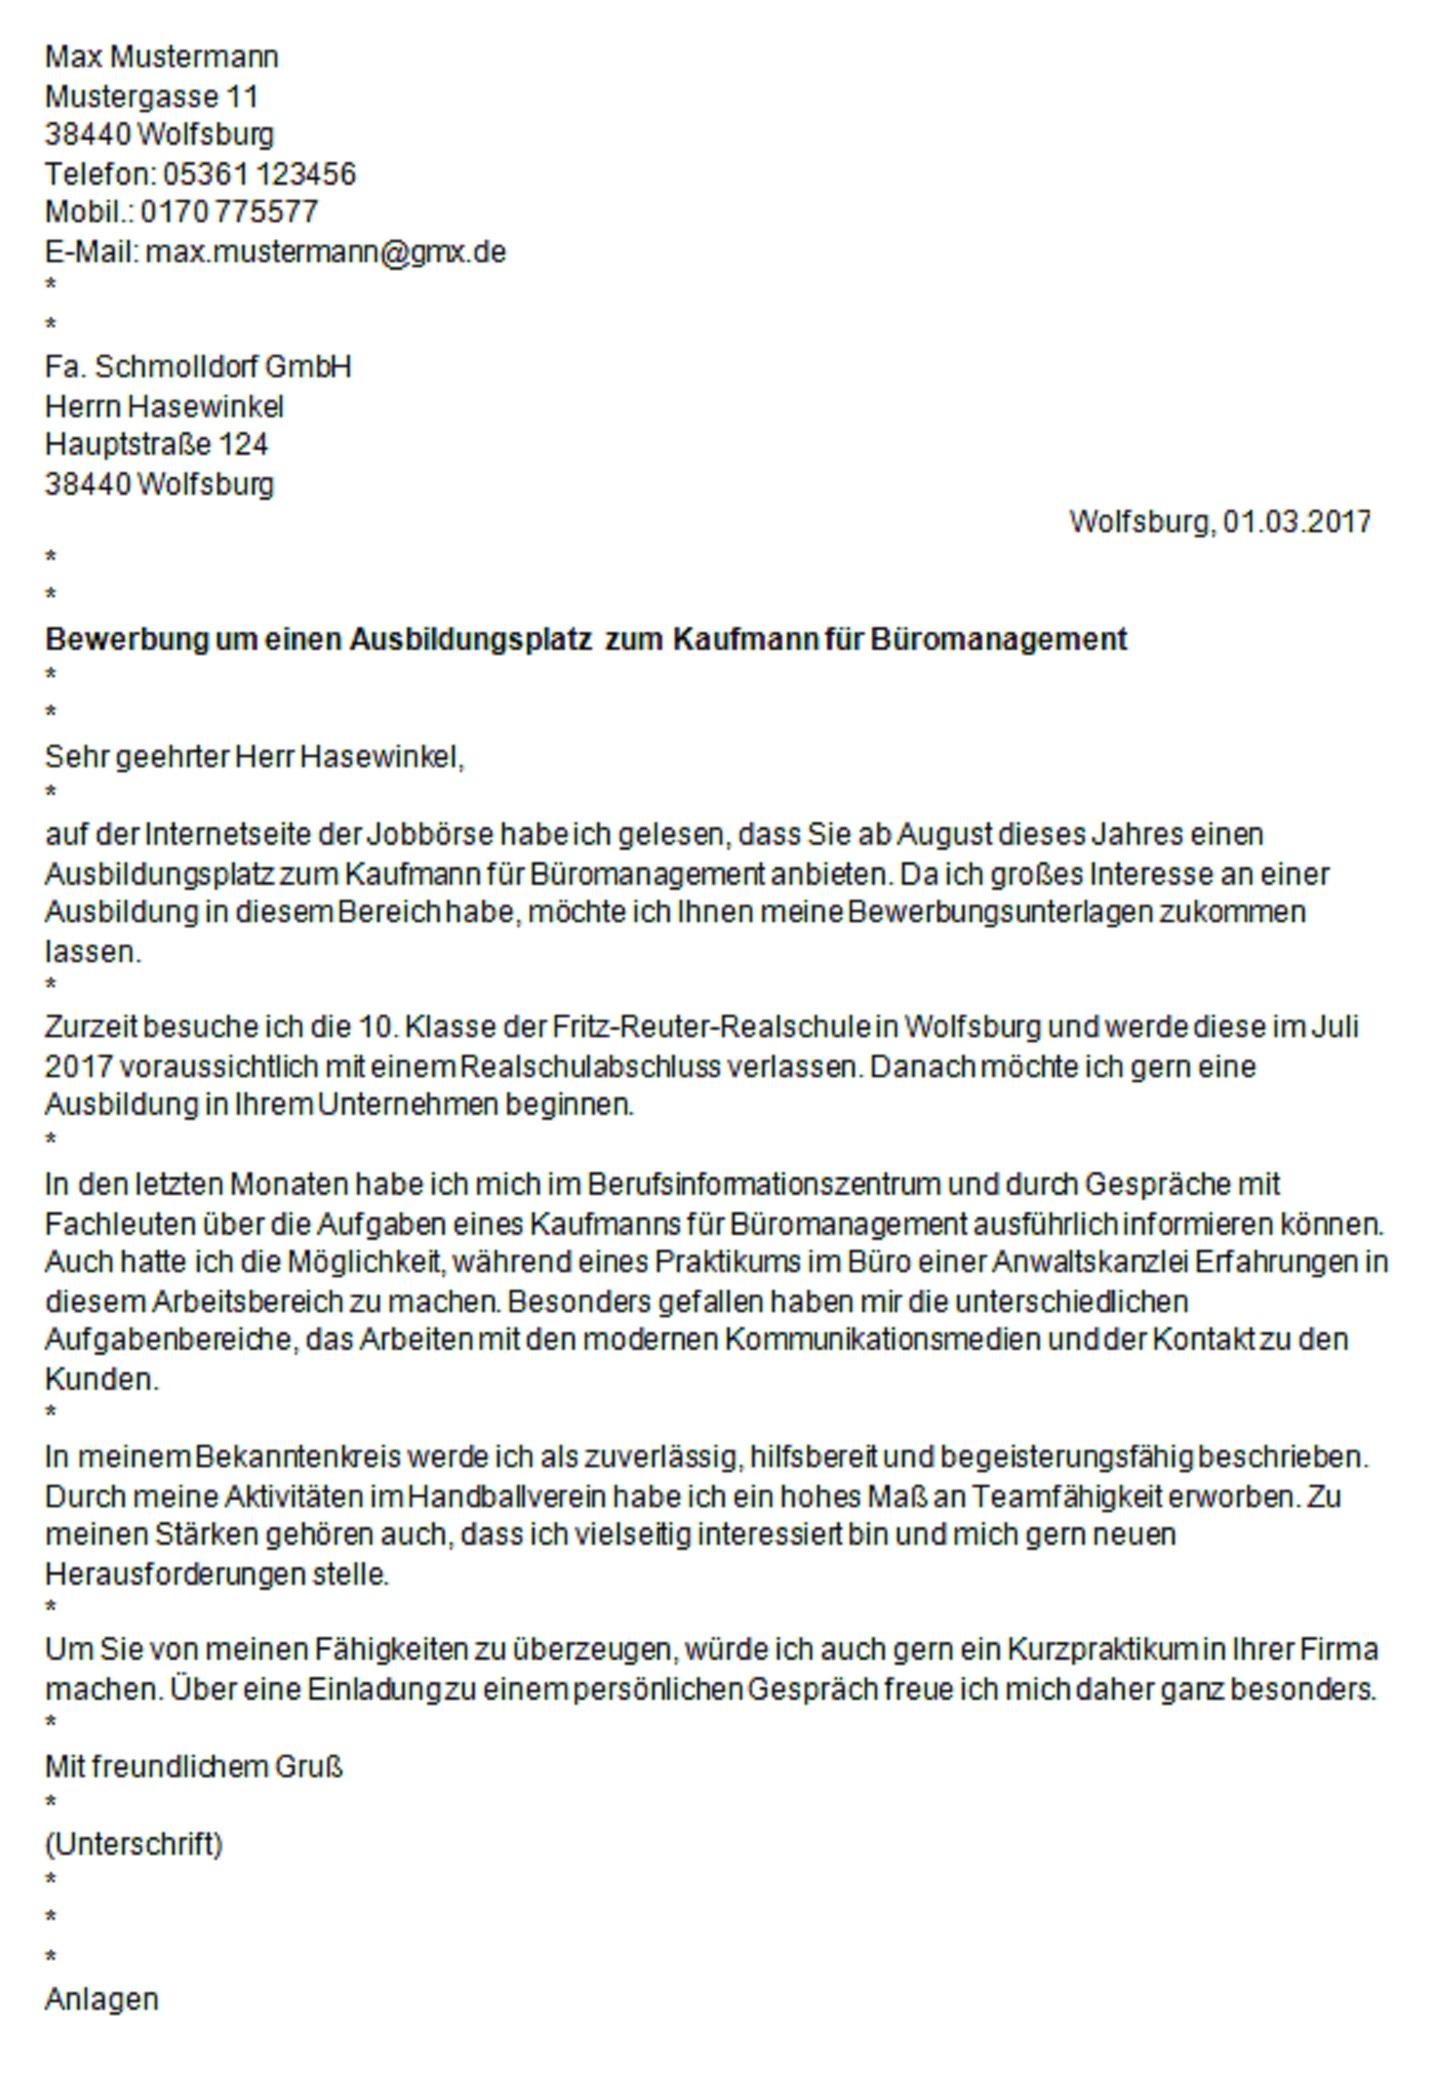 wob4u.de | JUGENDSERVER WOLFSBURG: Die schriftliche Bewerbung